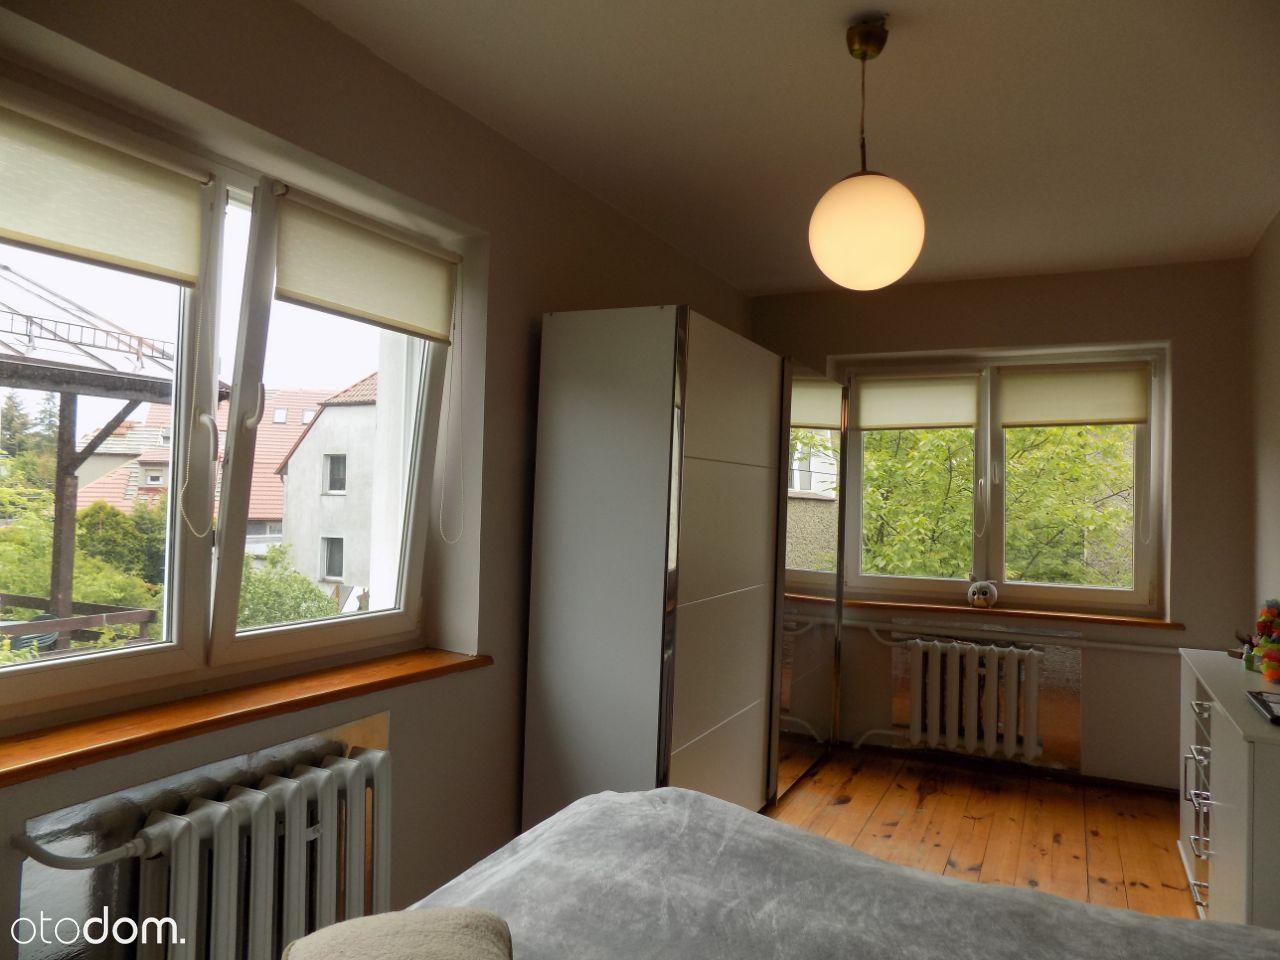 5 Pokoje Dom Na Sprzedaż Wrocław Krzyki 59622610 Wwwotodompl